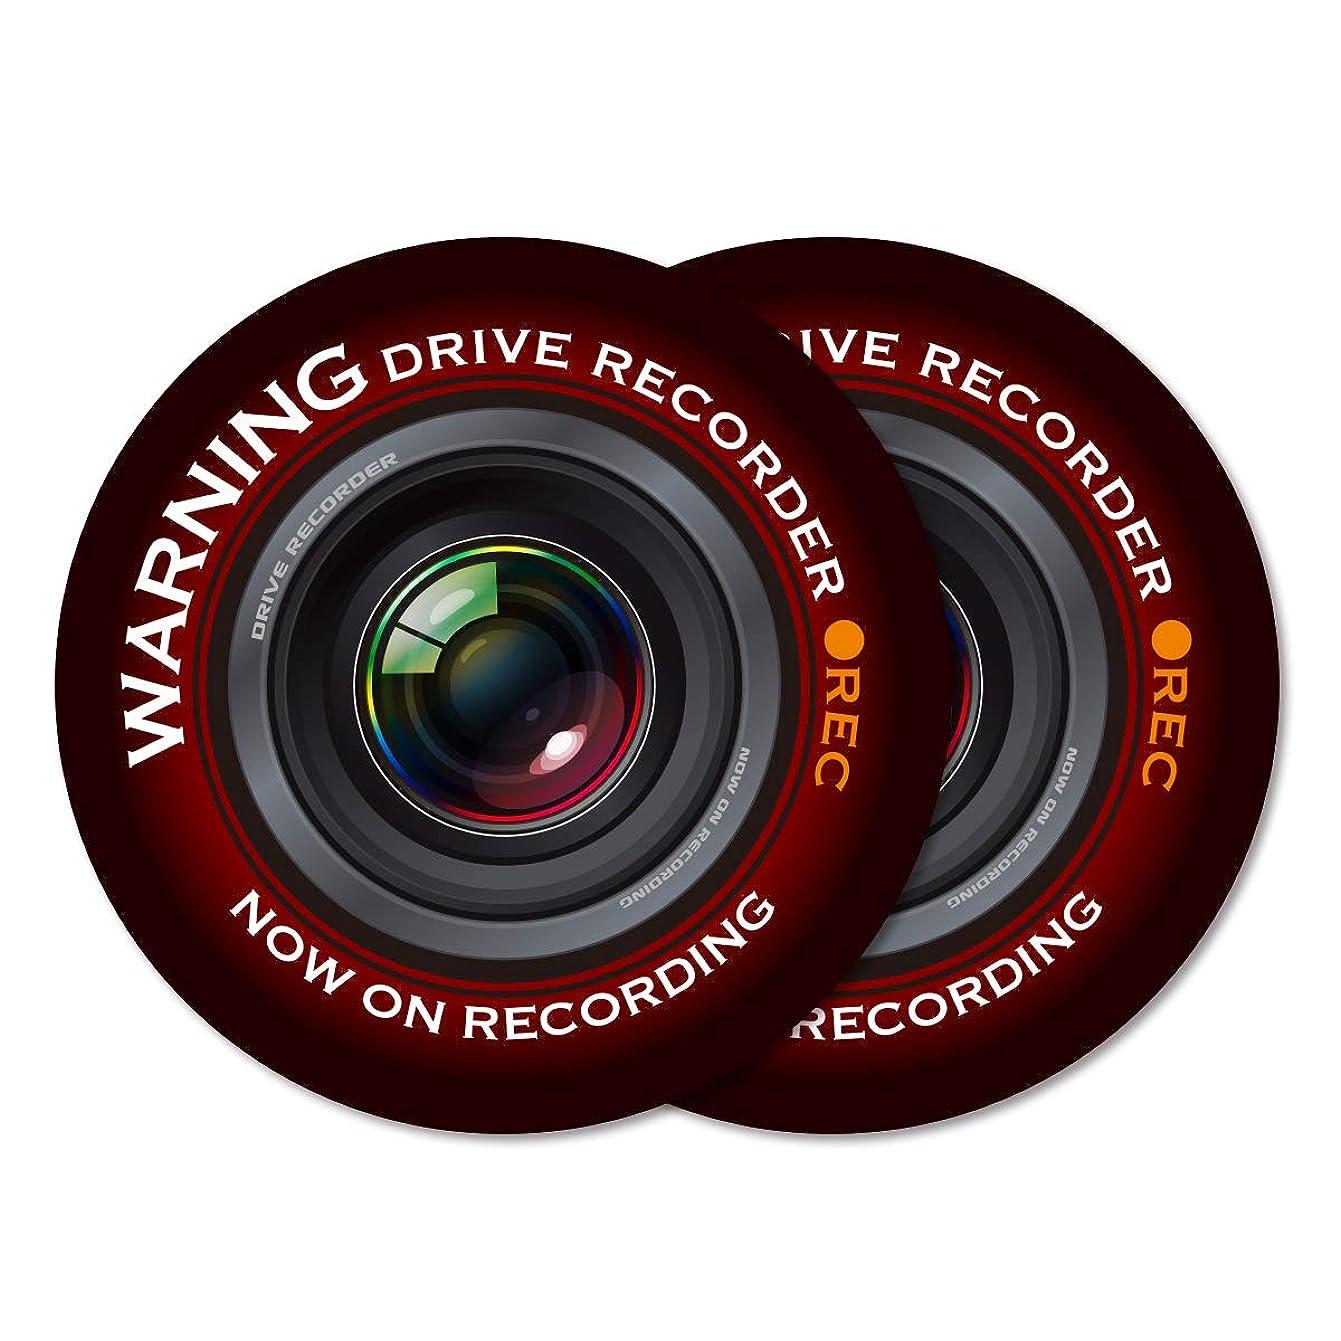 確立聖なる意図するドライブレコーダー ?スタイリッシュ 円形 録画中 ドラレコ 搭載車両 表示 ステッカー 防水 耐水 シール あおり 抑制 事故防止 (7cm(2枚), ブラック(英語))